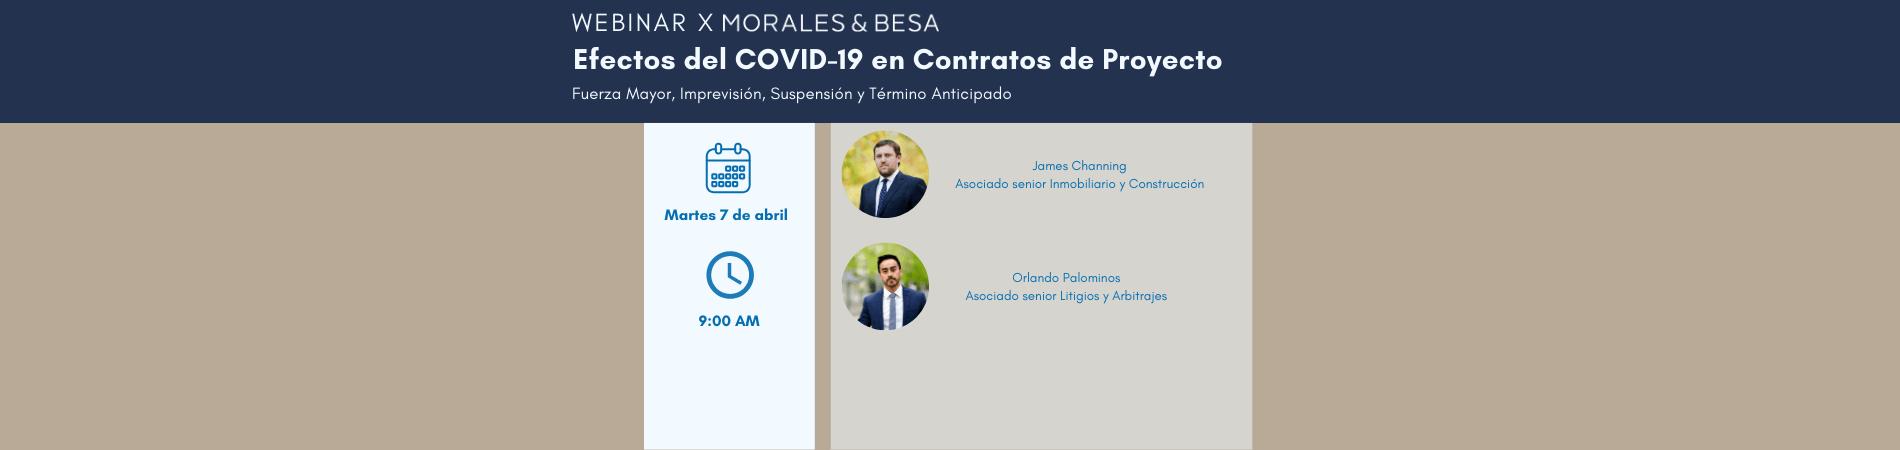 WEBINAR X MORALES & BESA | Efectos del COVID-19 en Contratos de Proyecto